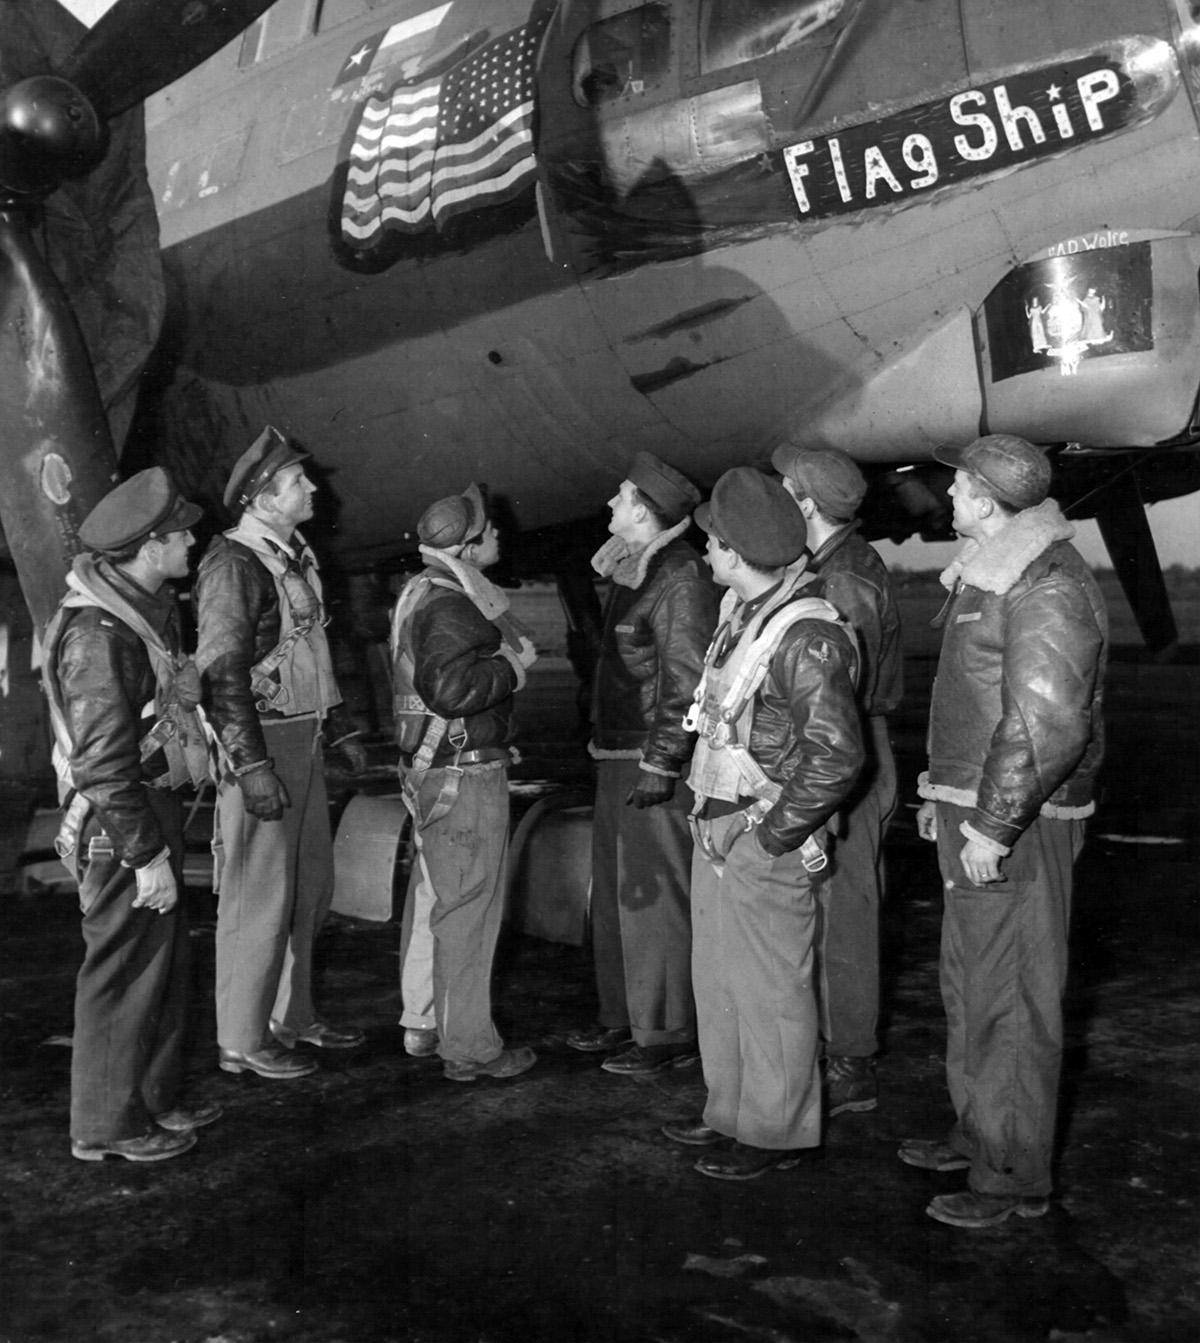 B-17 #42-37988 / Flagship